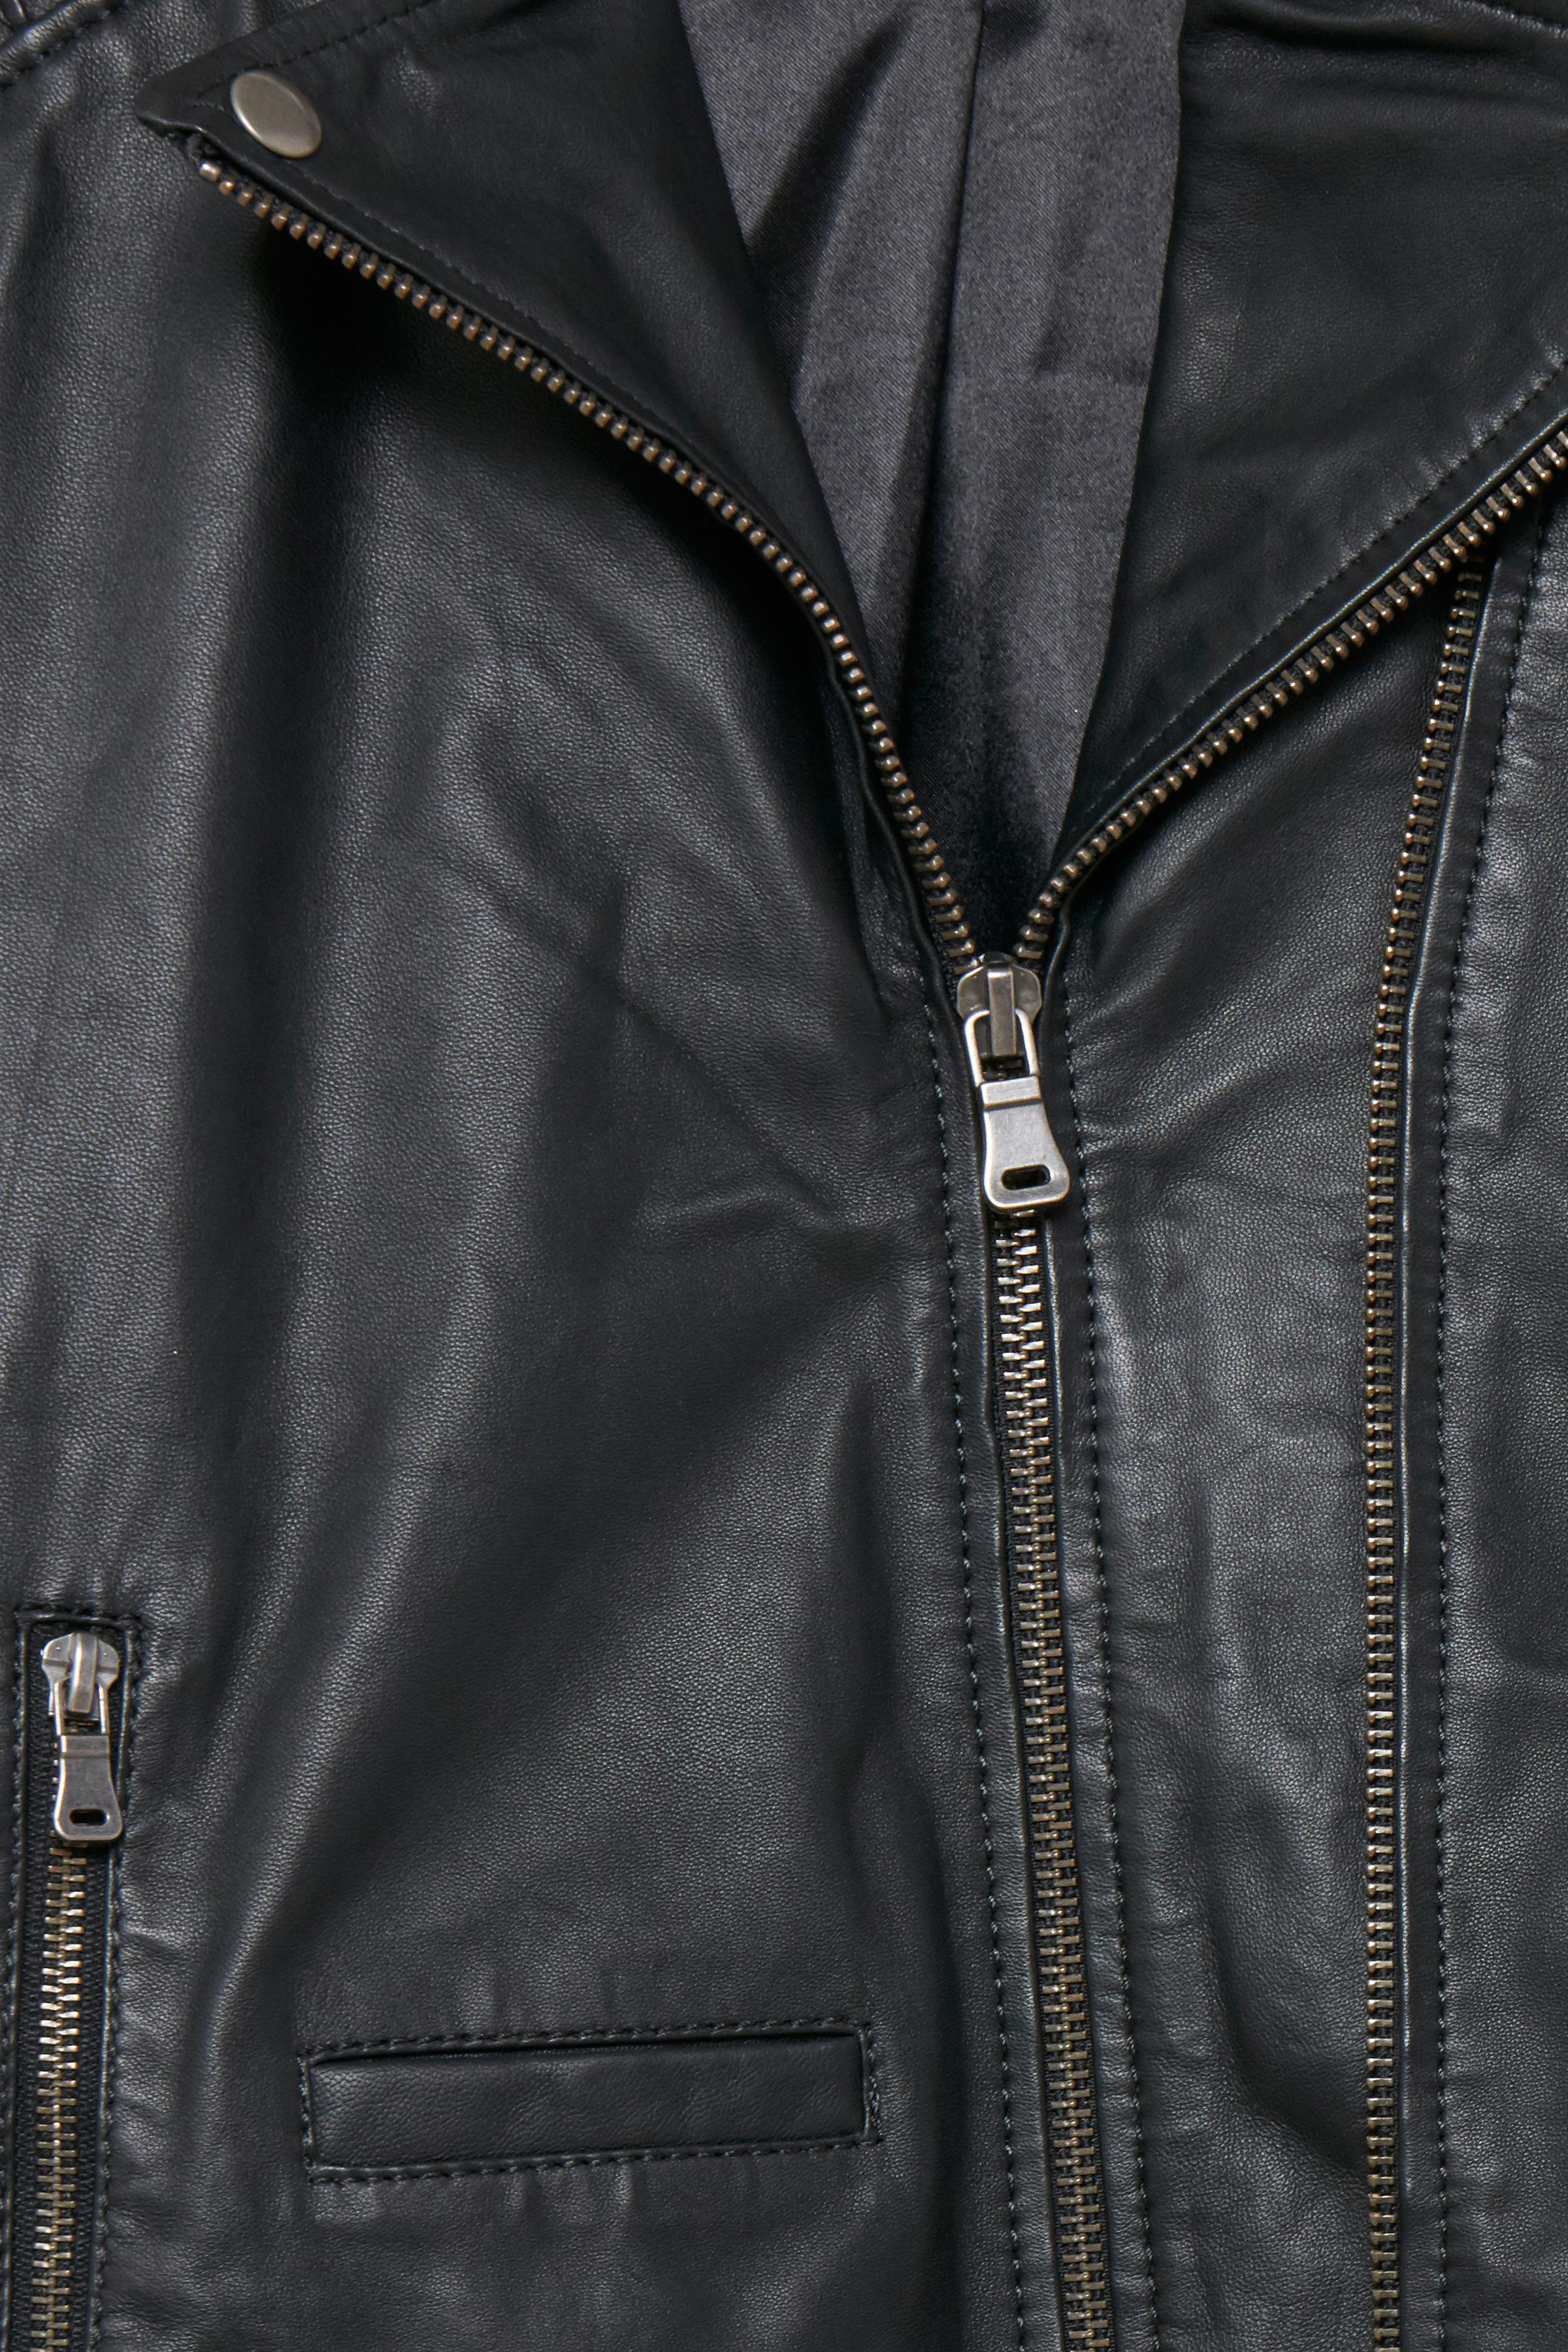 Schwarz Lederjacke von Fransa – Shoppen Sie Schwarz Lederjacke ab Gr. 34-46 hier